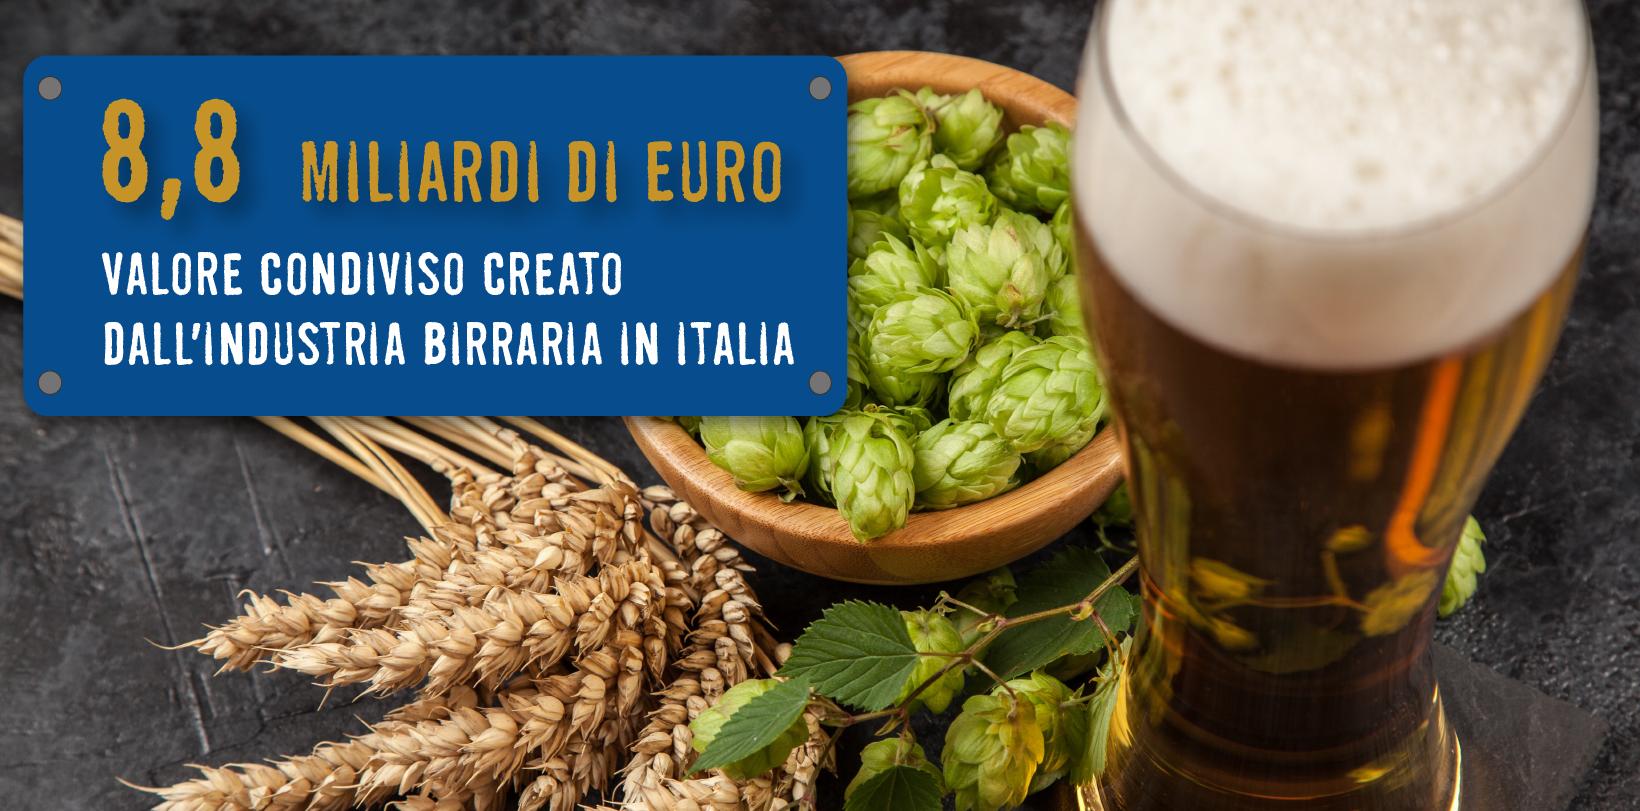 La birra crea valore per l'Italia. Oggi il settore vale quasi 9 miliardi